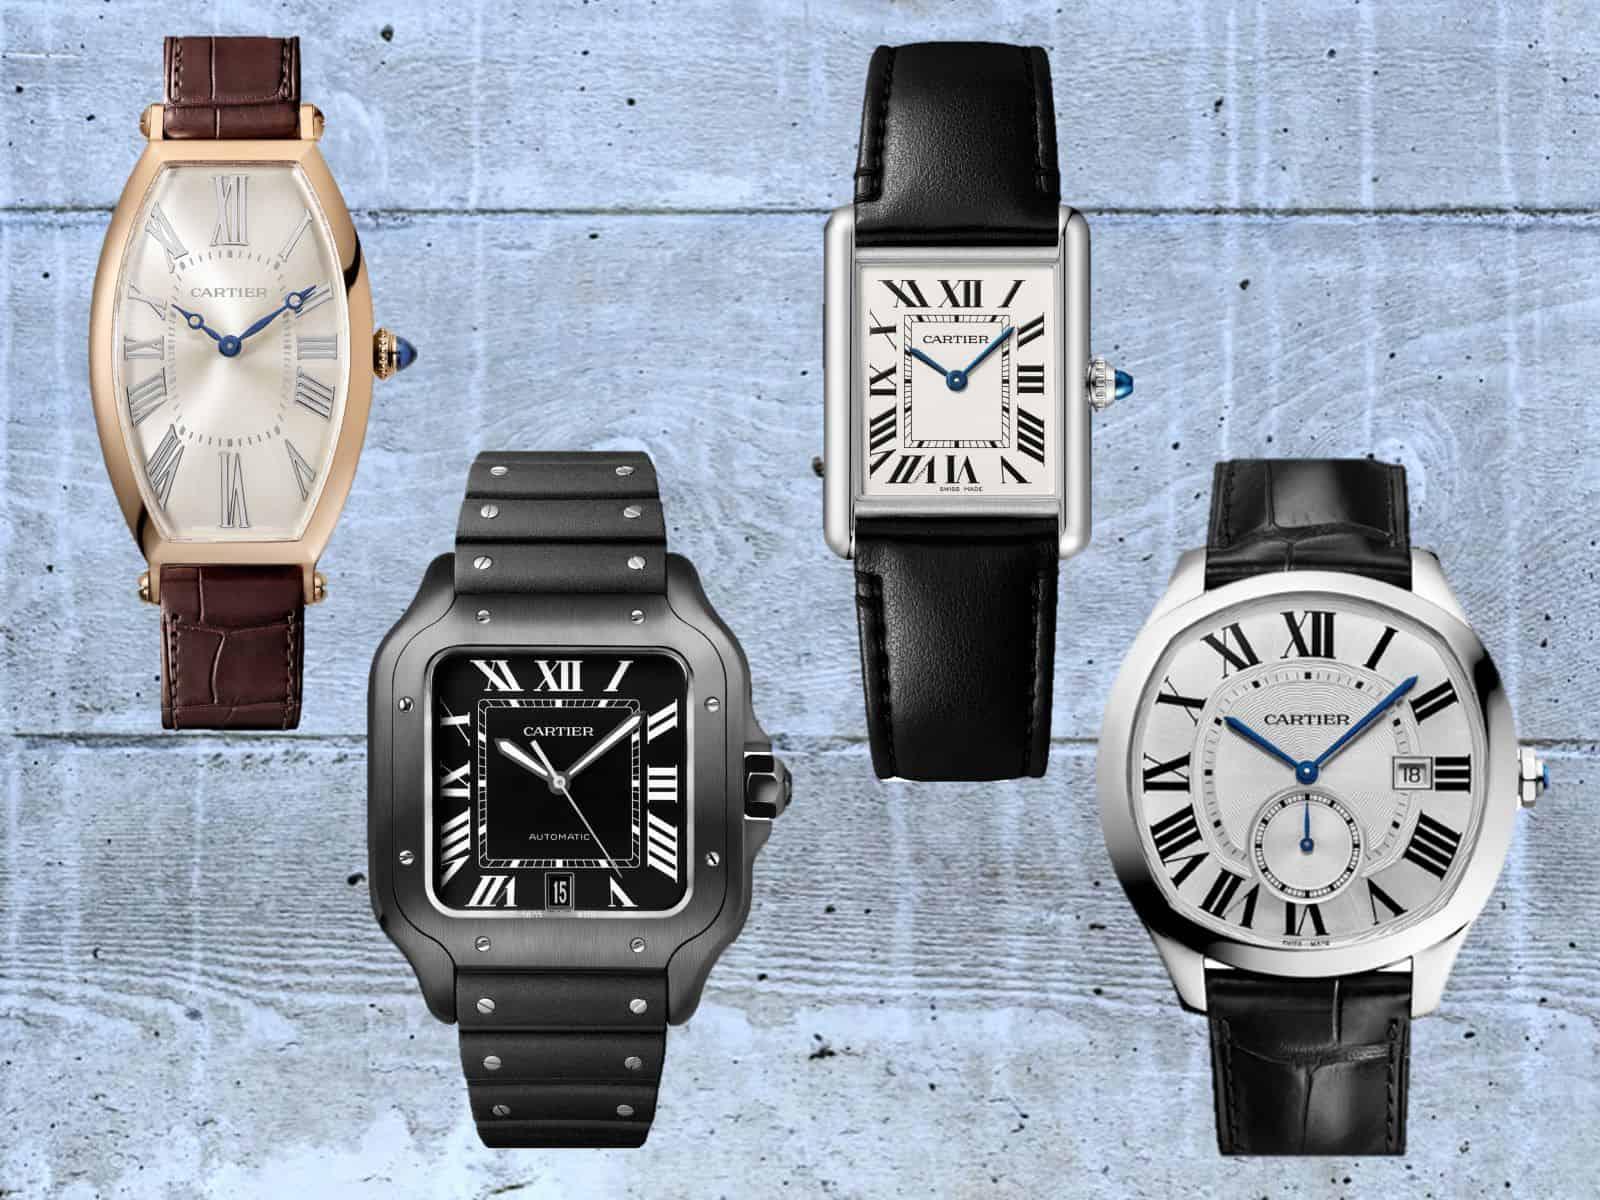 Cartier Uhren mit Formgehäuse in Kissen- und Tonneauform